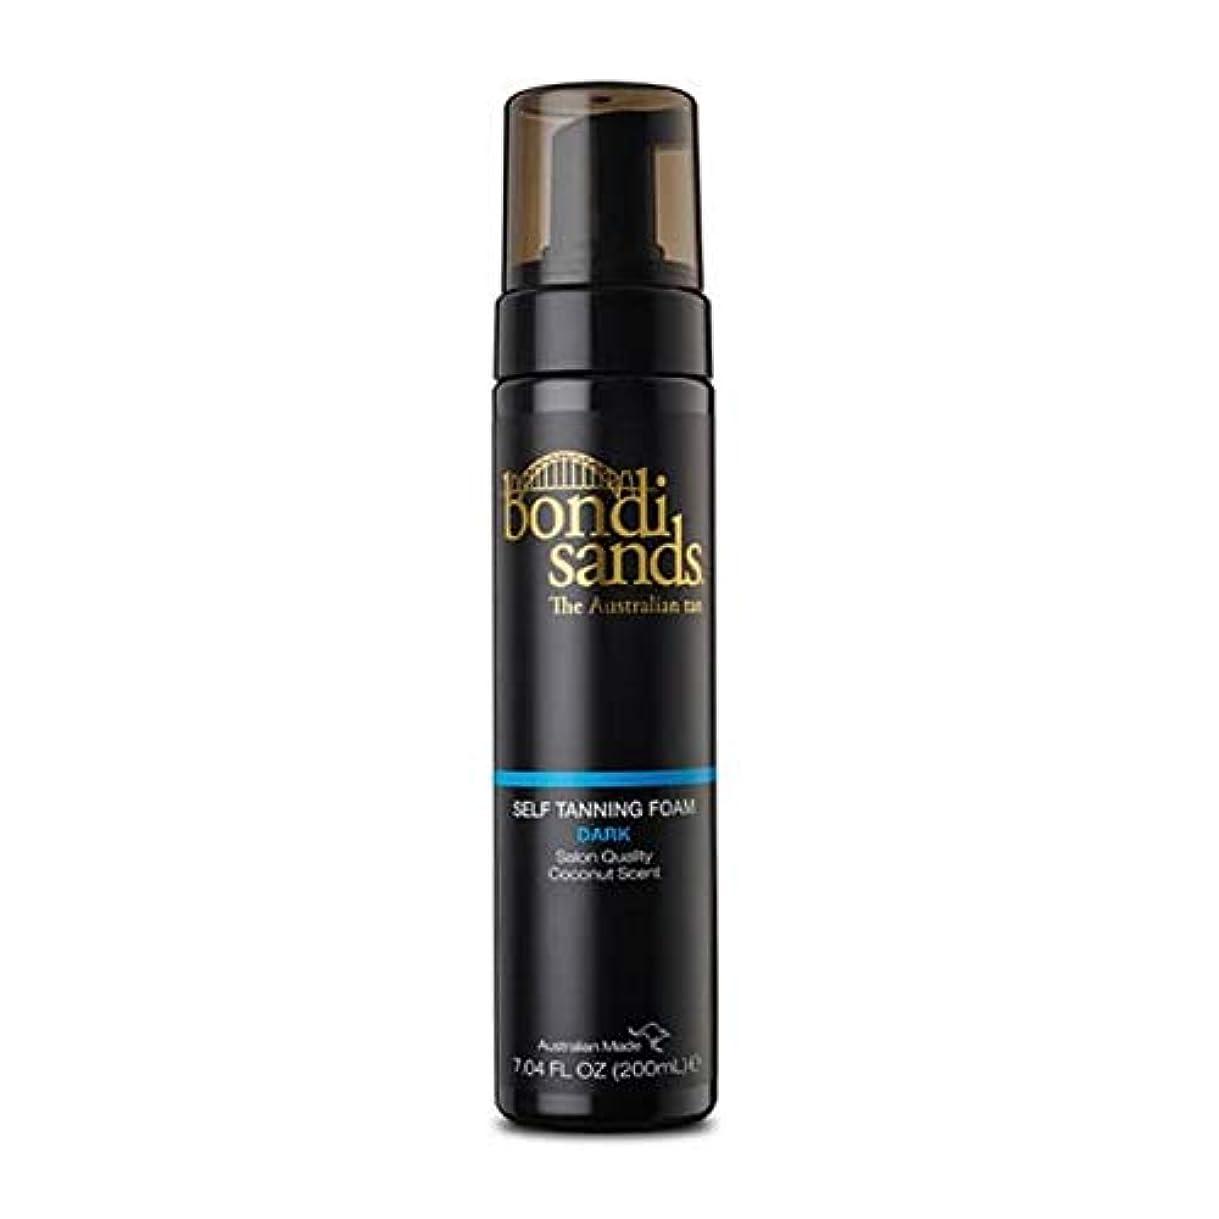 スキッパー防止新鮮な[Bondi Sands ] ボンダイ砂セルフタンニングフォームダーク200ミリリットル - Bondi Sands Self tanning Foam Dark 200ml [並行輸入品]